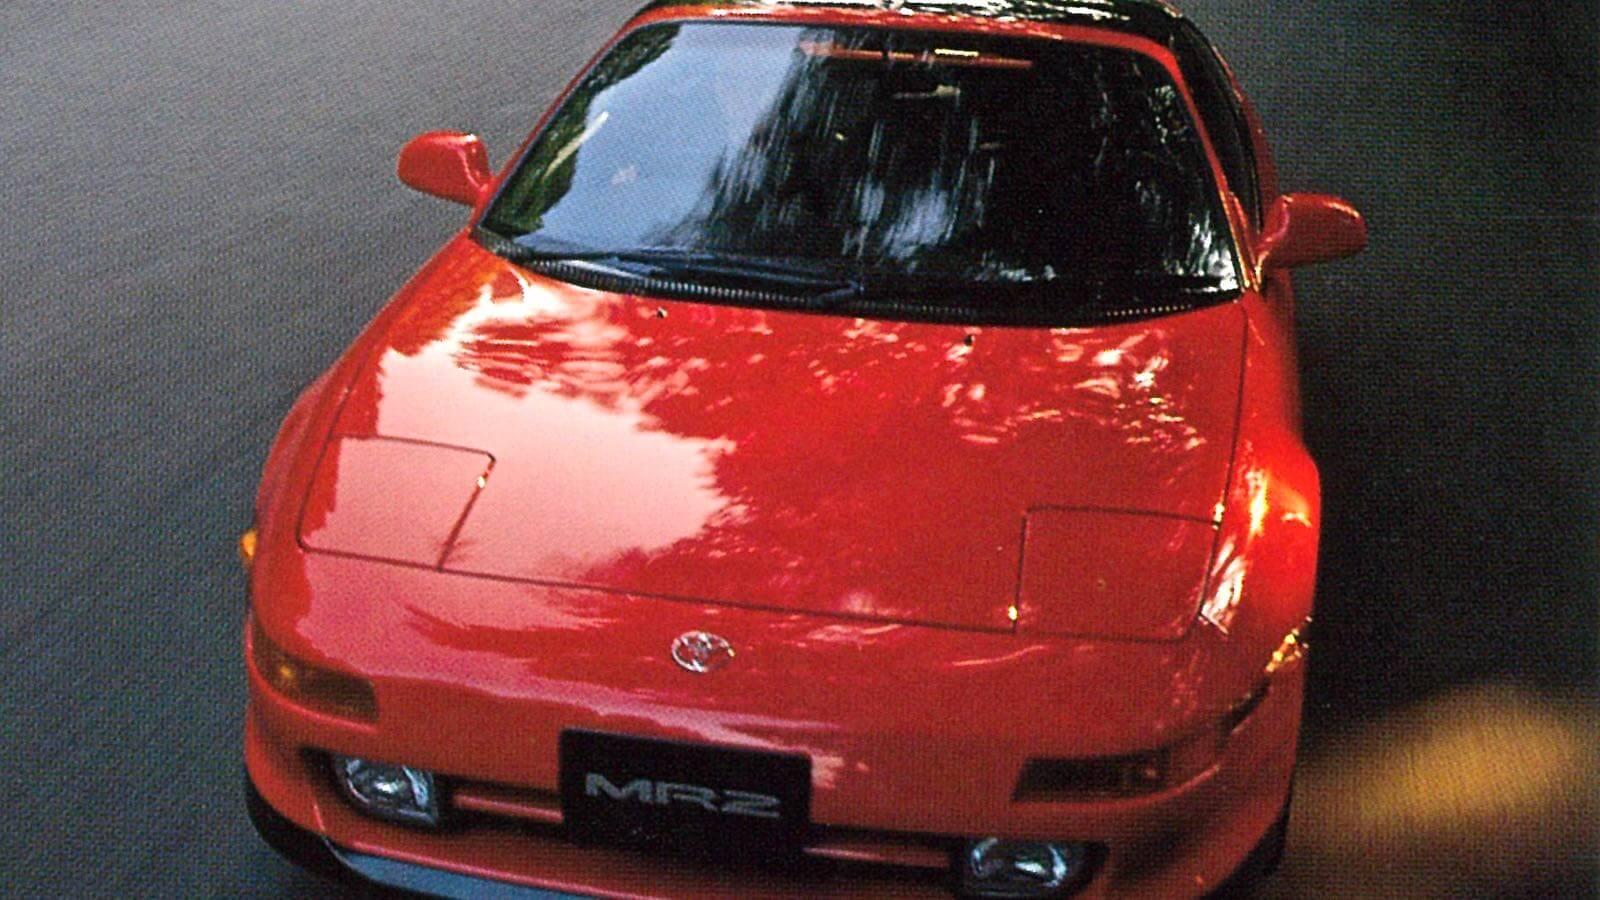 0124 MR2 Revival Plan  Part 2 05 Type 2